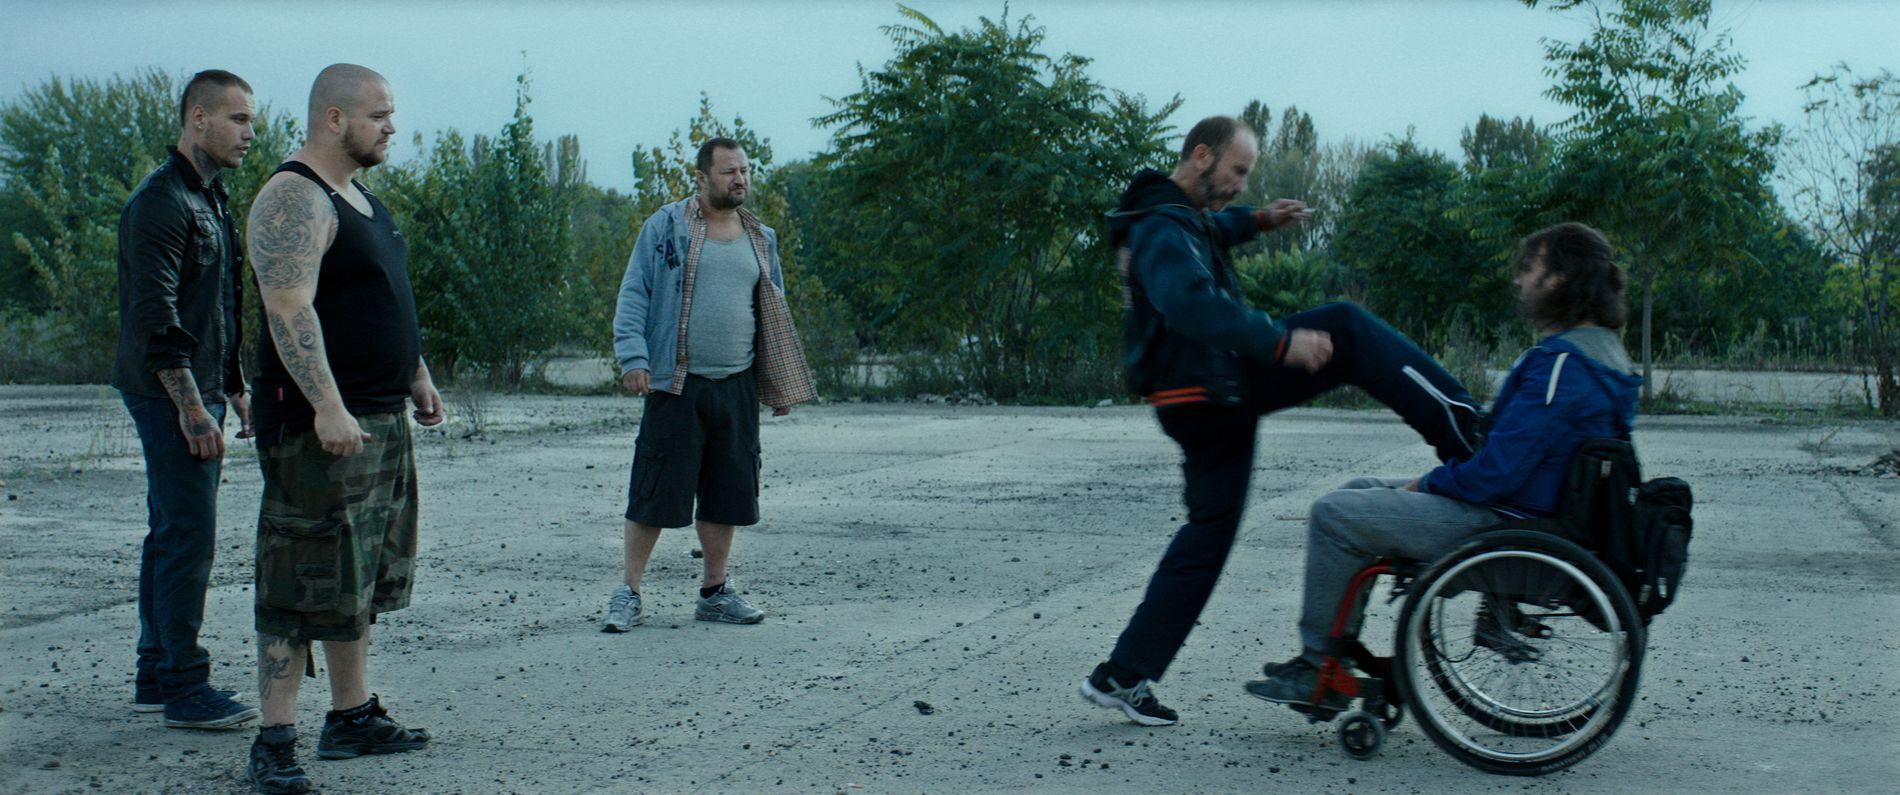 5f5fb374 B-FILM: «Kills on Wheels» låner fra og etteraper tradisjonell gangsterfilm,  men gir den en uventet vri. byoutline Filmweb